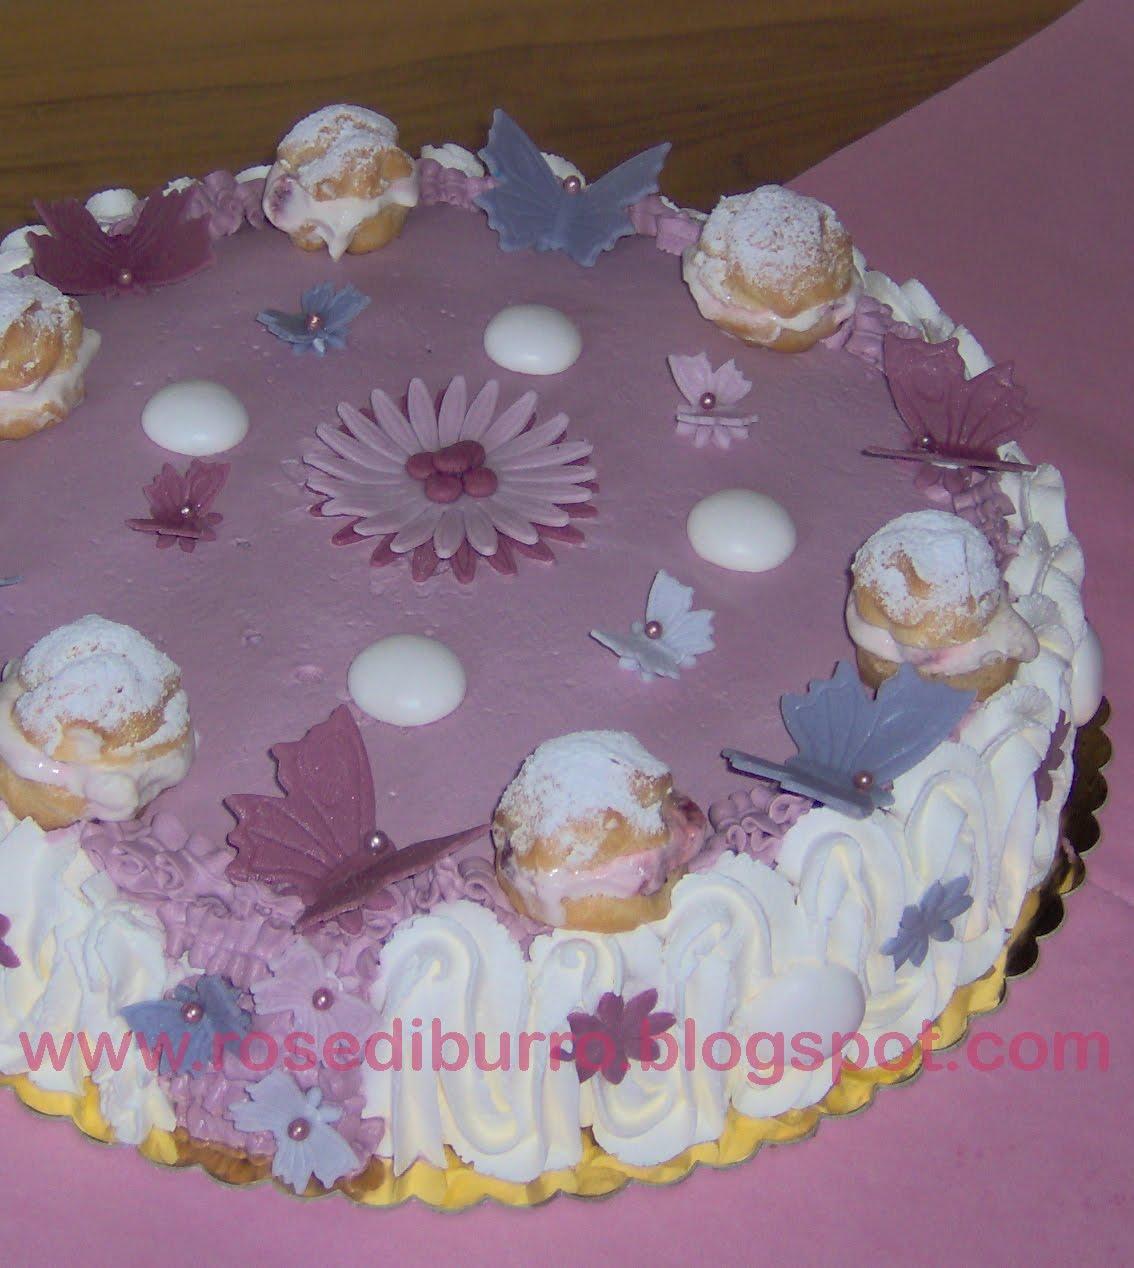 Rose Di Burro Guarda Alcune Torte Di Compleanno Adulti